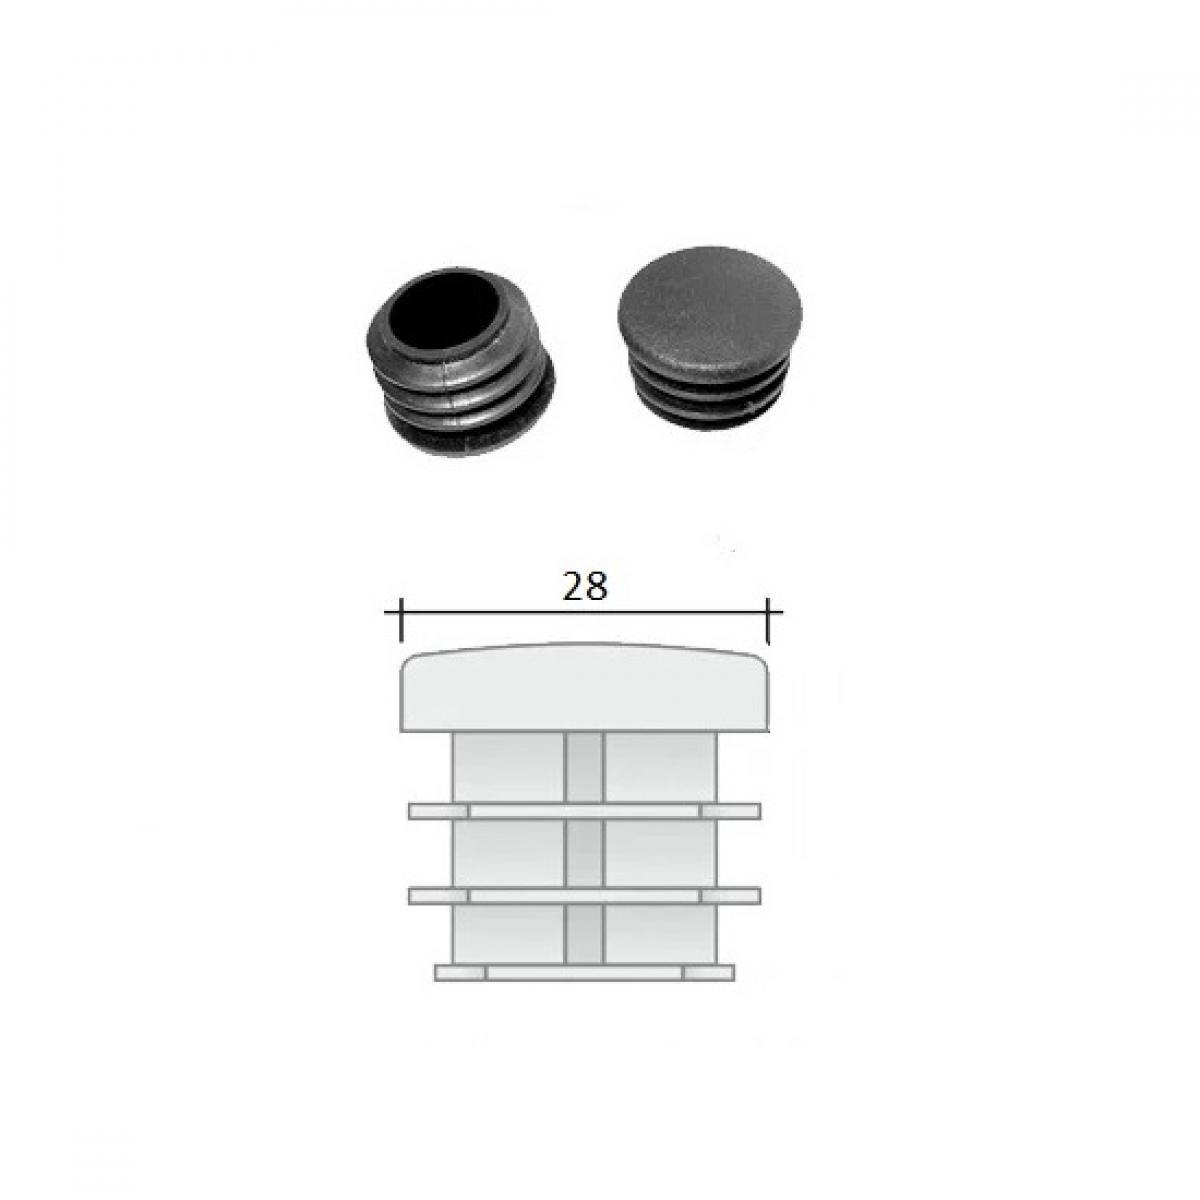 Заглушка ПВХ на круглую трубу внутренняя D=28 мм